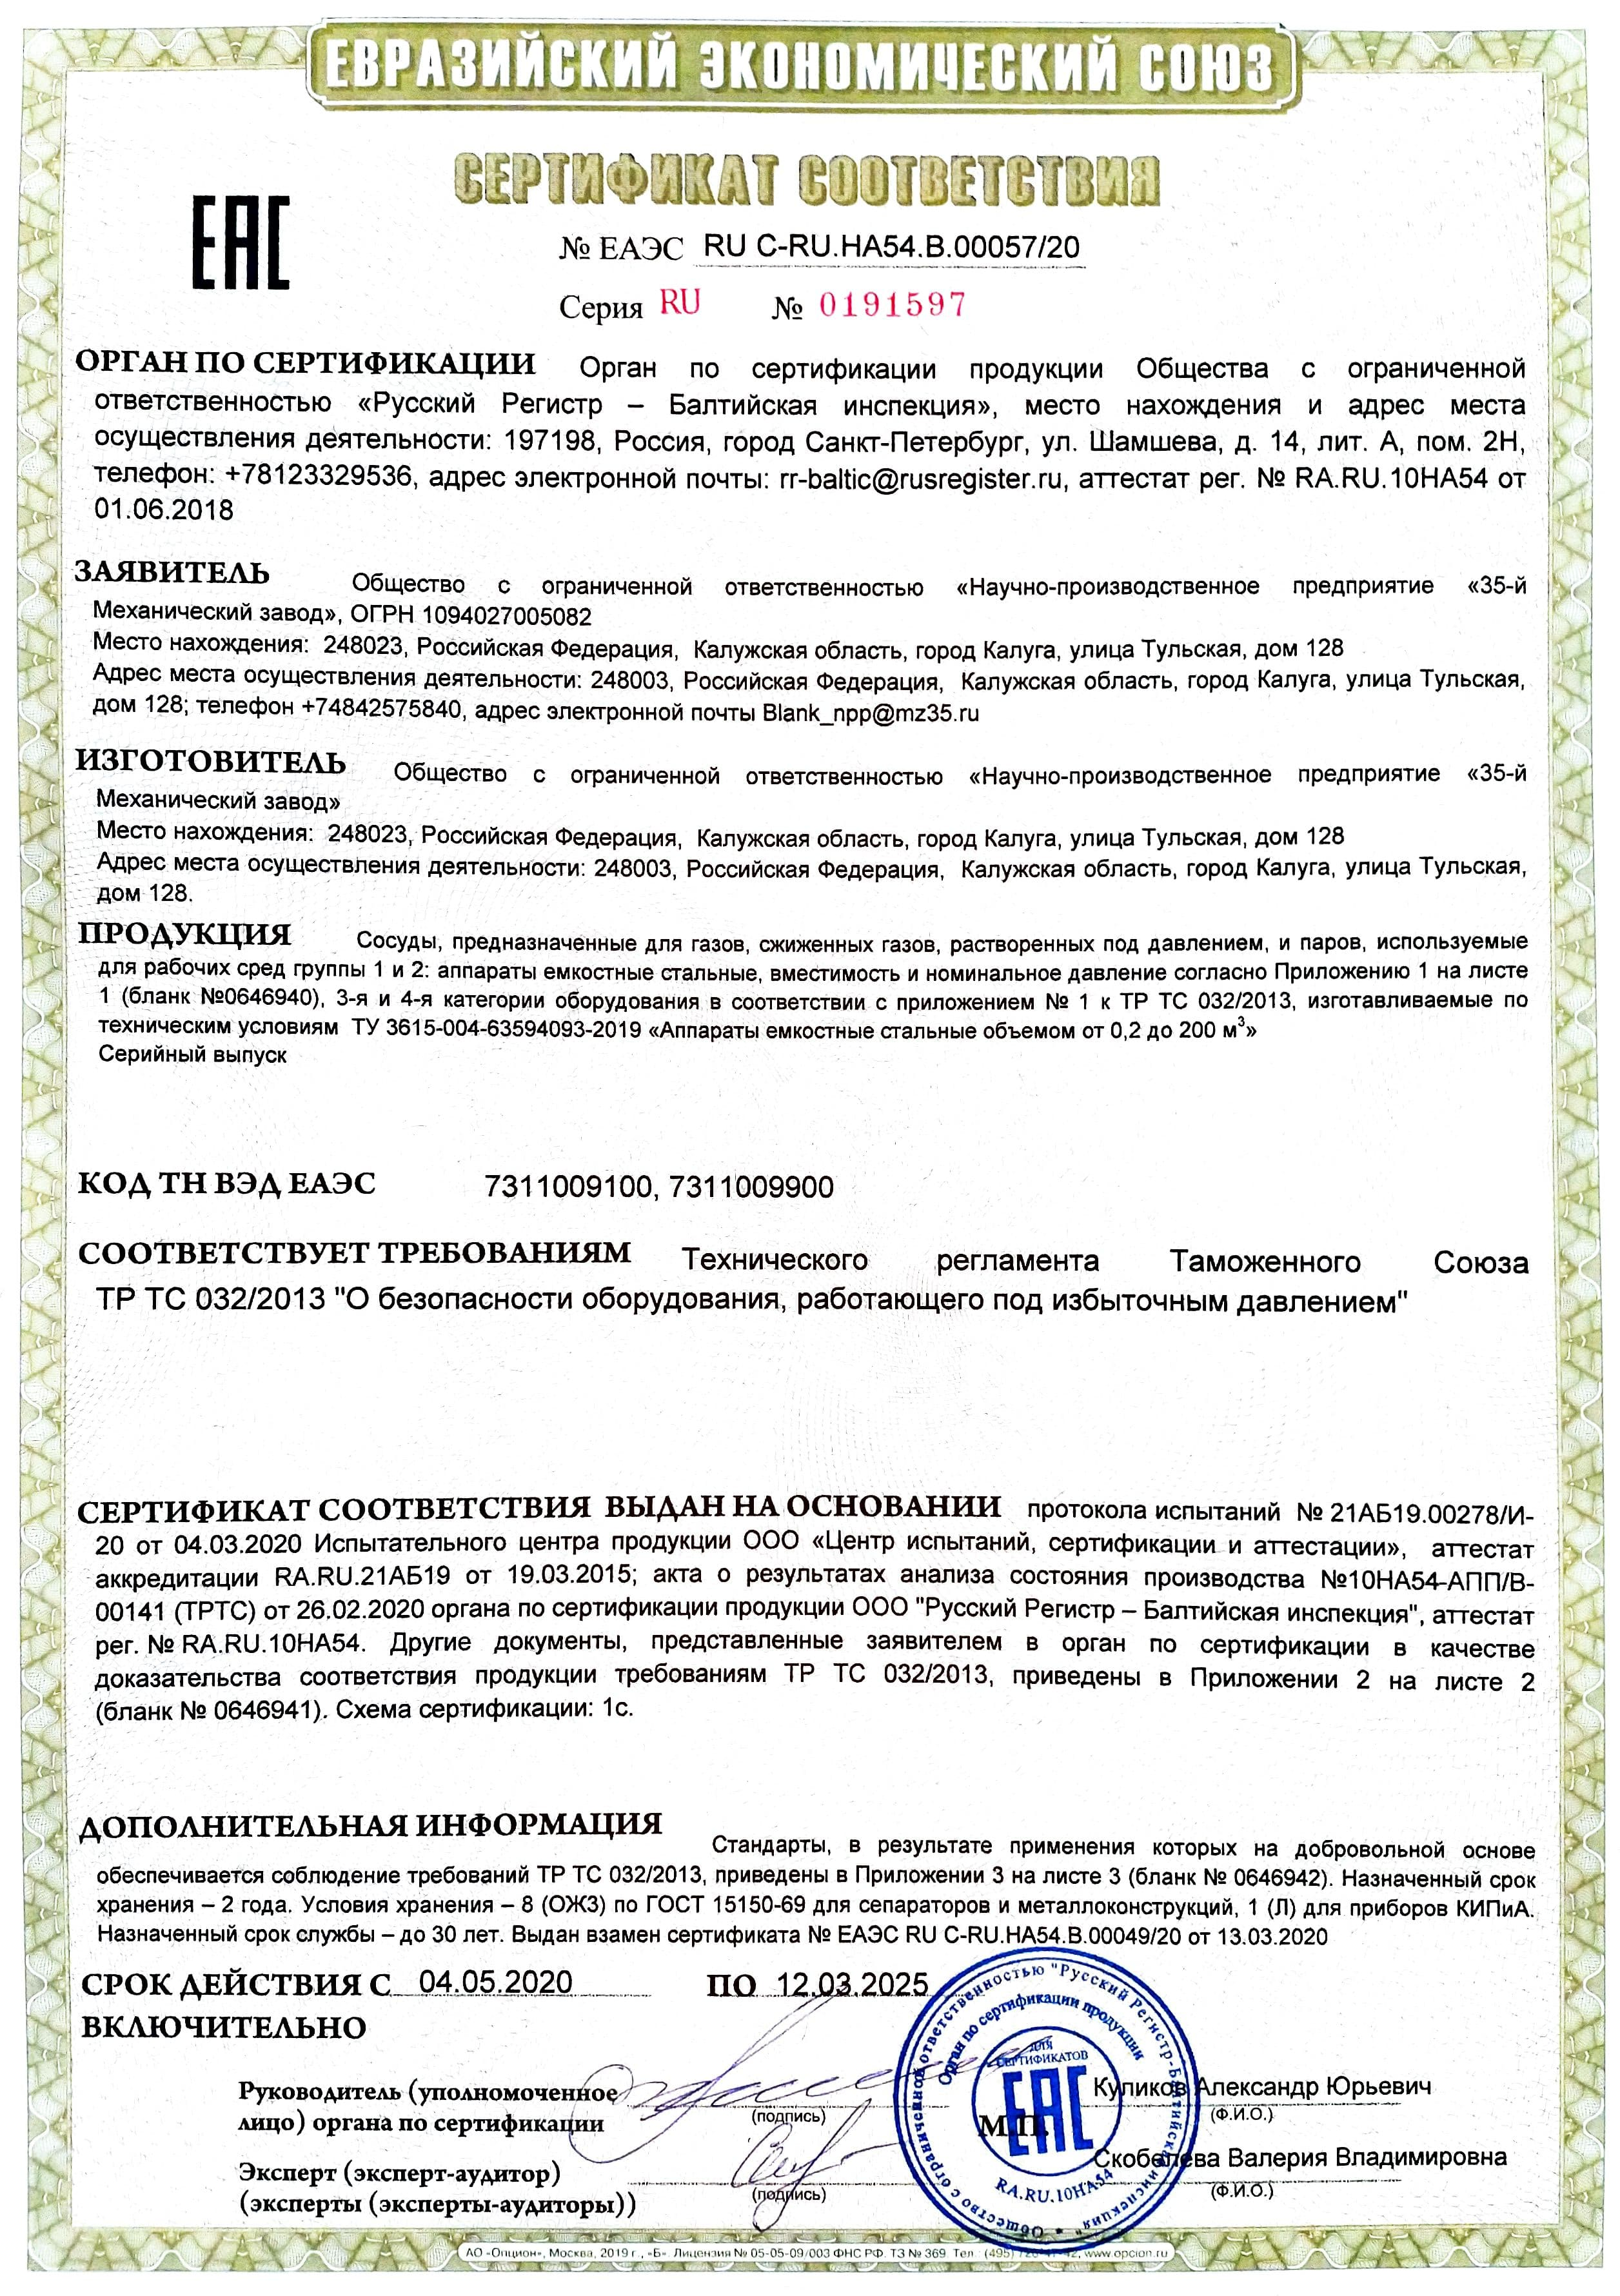 Сертификат СТО Газпром 9001-2012 Интергазсерт